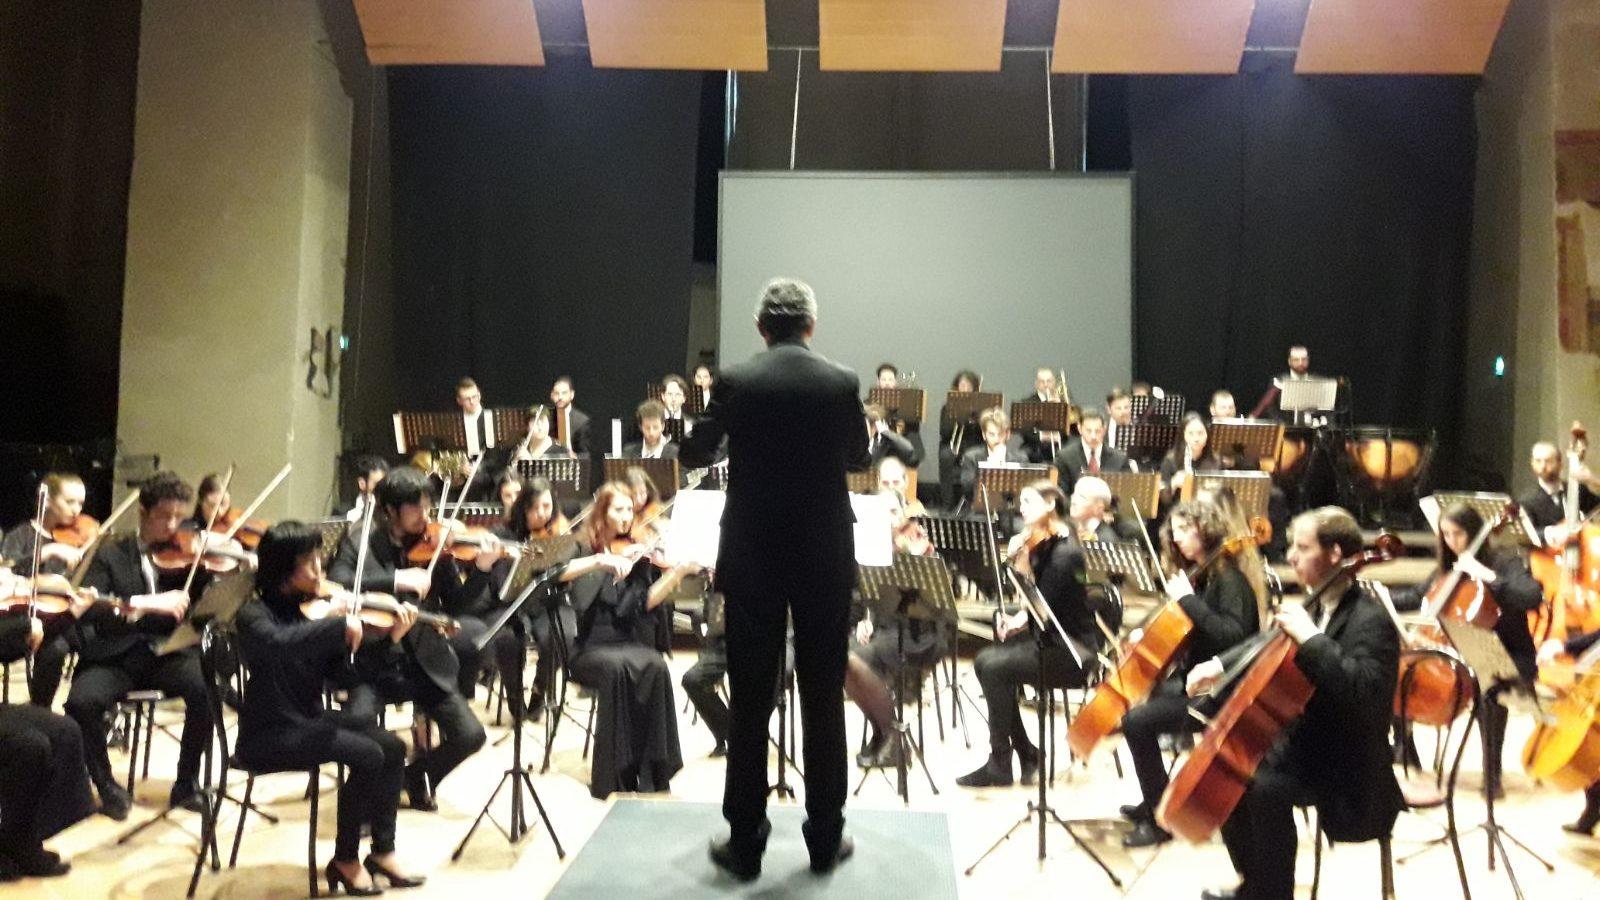 Concerto Auditorium di Foligno 26/01/2018